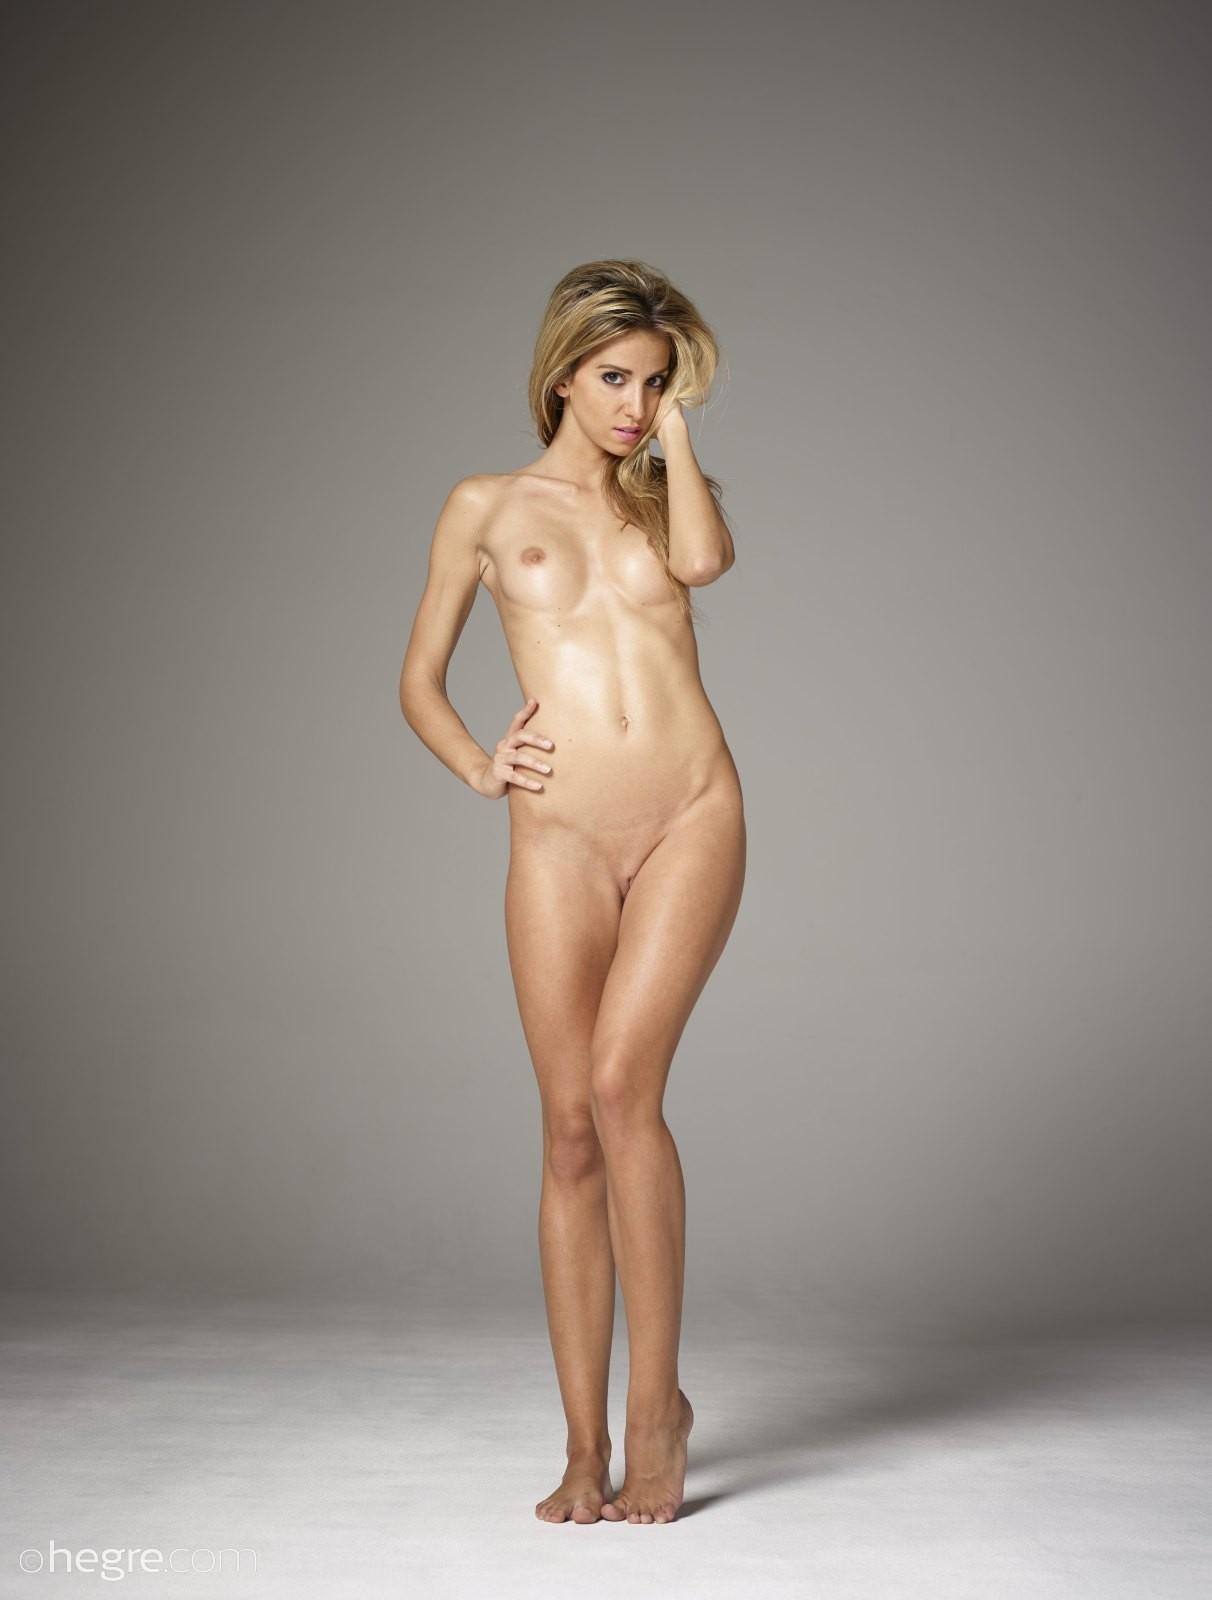 Костлявая женщина без одежды - фото